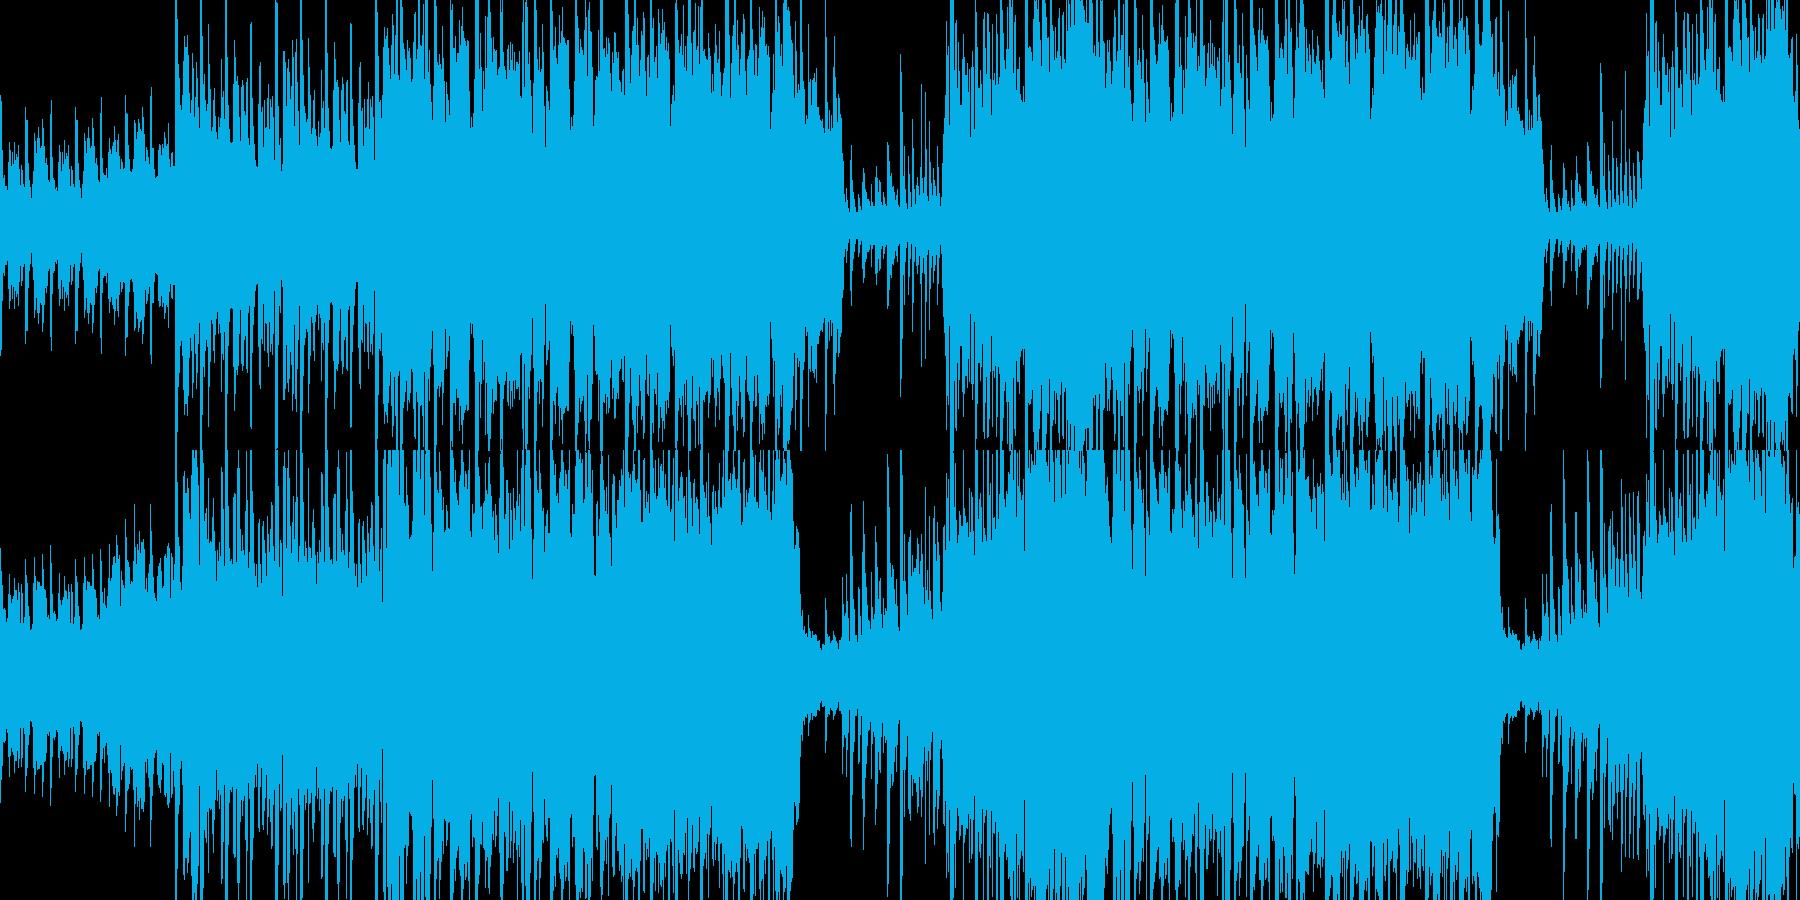 ループ:明るく賑やかで可愛いケルト風の曲の再生済みの波形